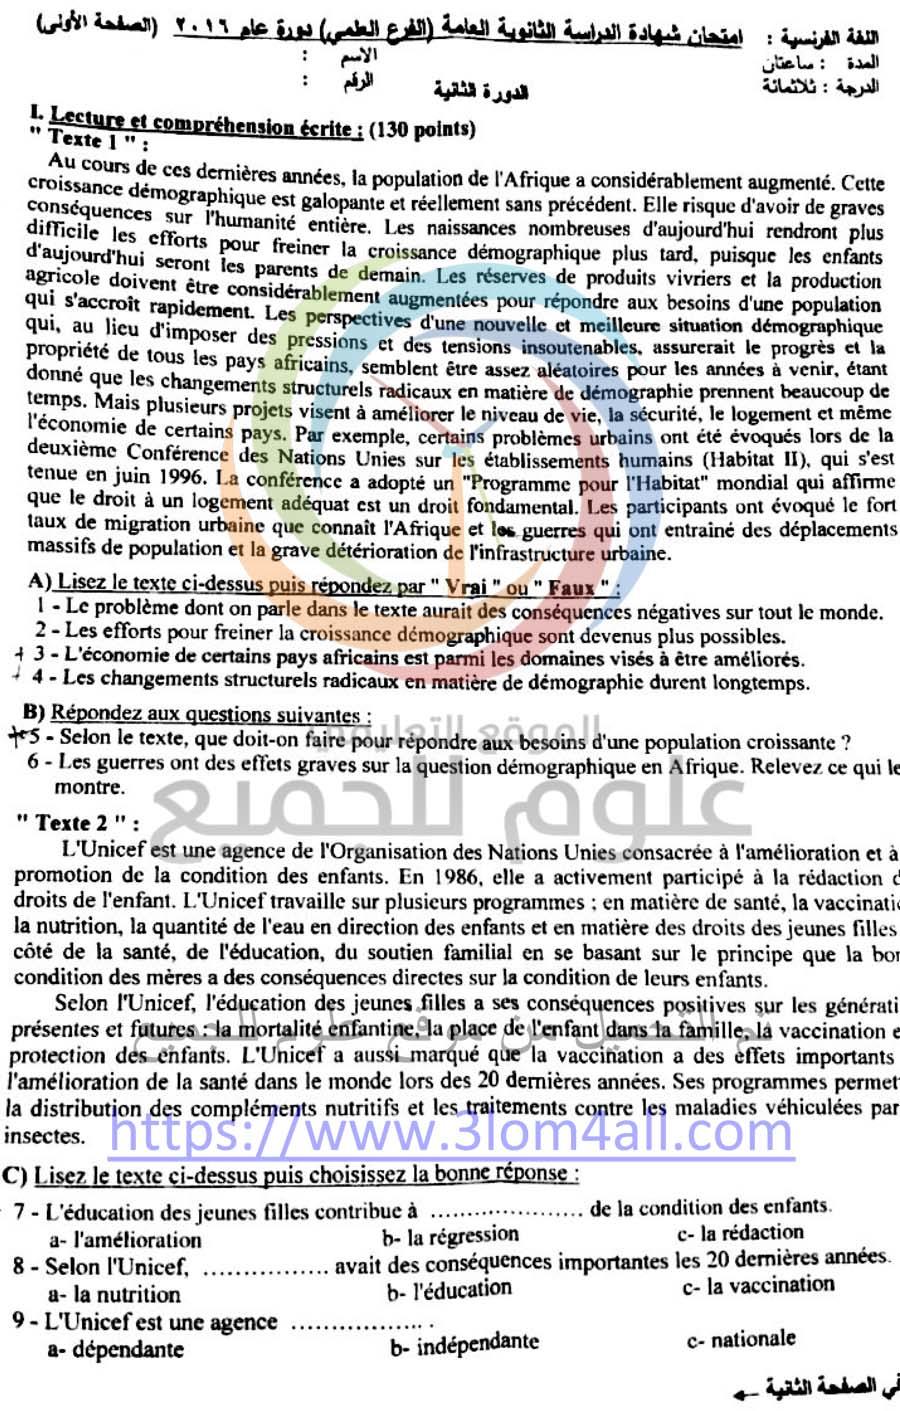 ورقة أسئلة امتحان اللغة الفرنسية الدورة الثانية البكالوريا العلمي 2016 مع الحل